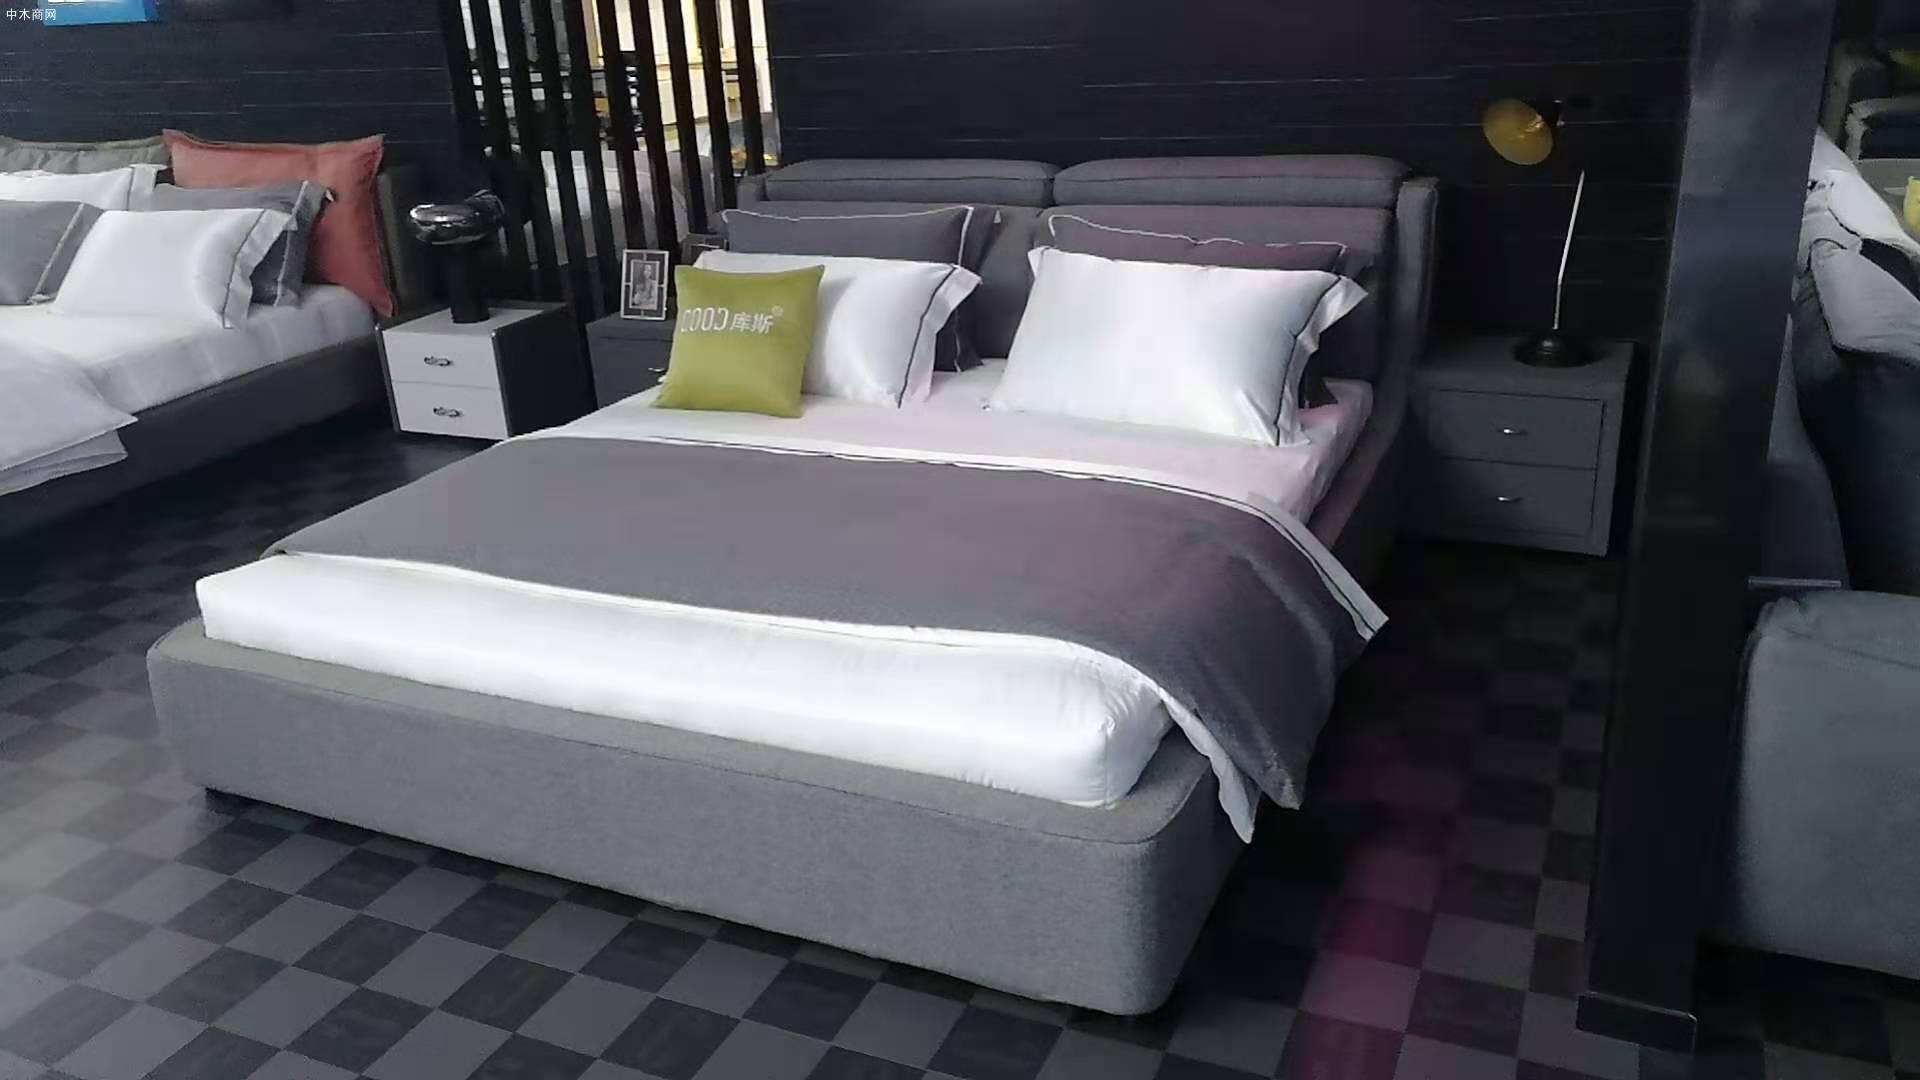 宜昌软床价格及图片品牌